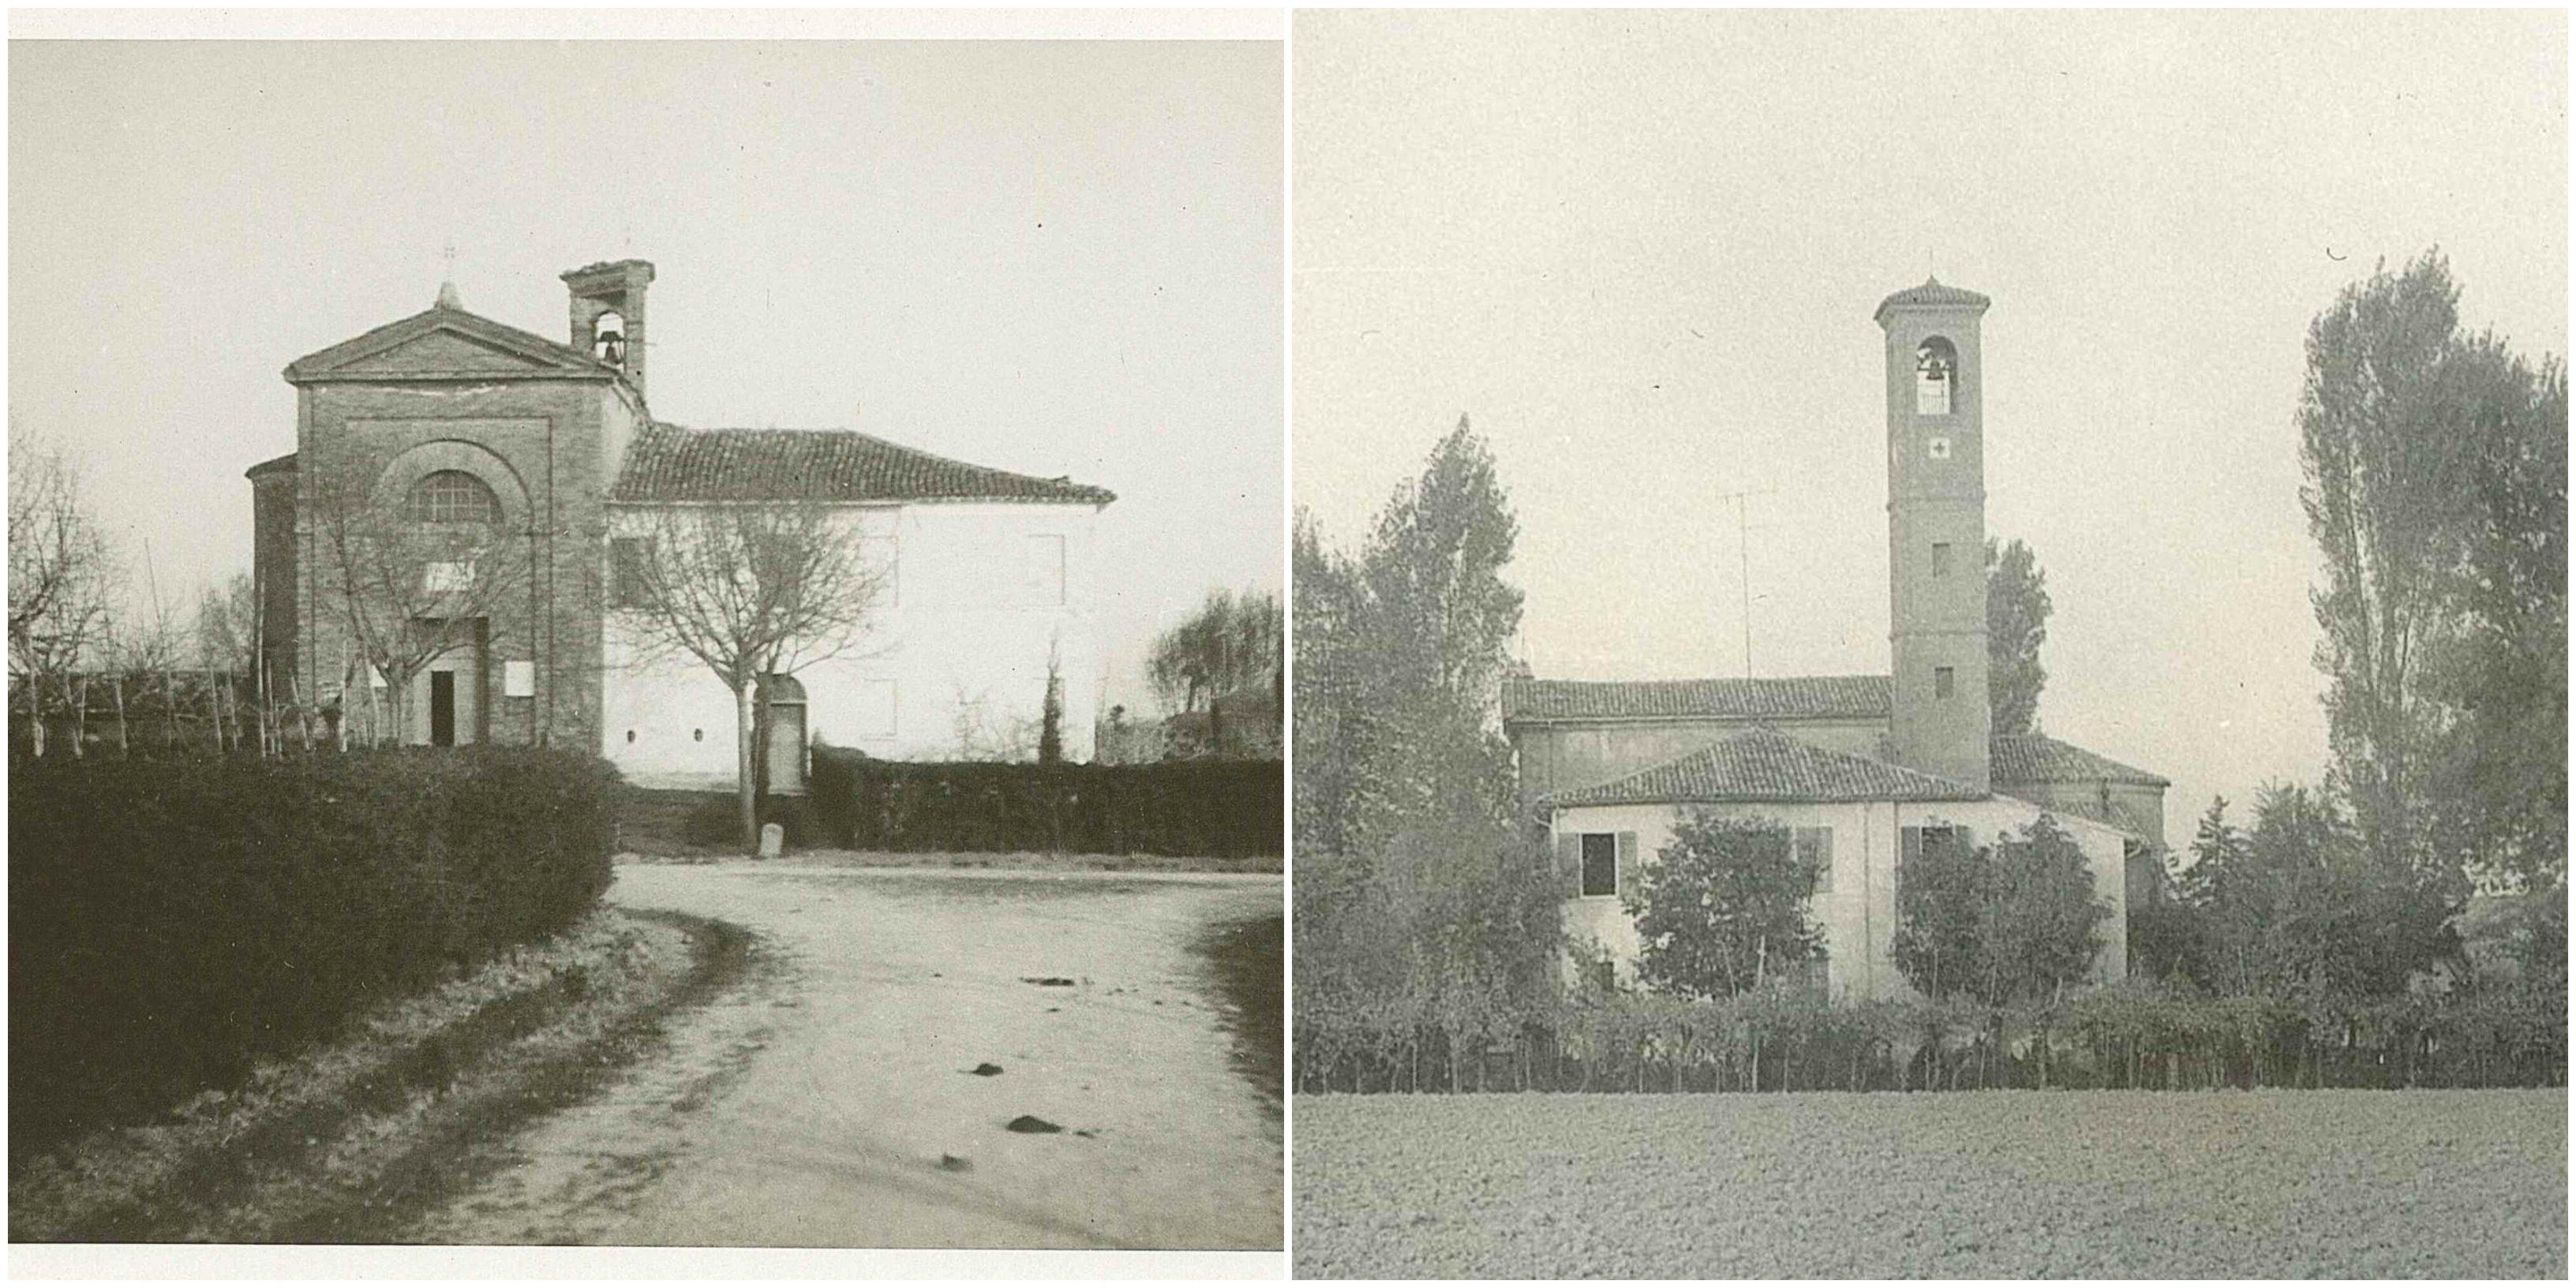 Chiesa-di-Poggio-prima-e-dopo-la-guerra